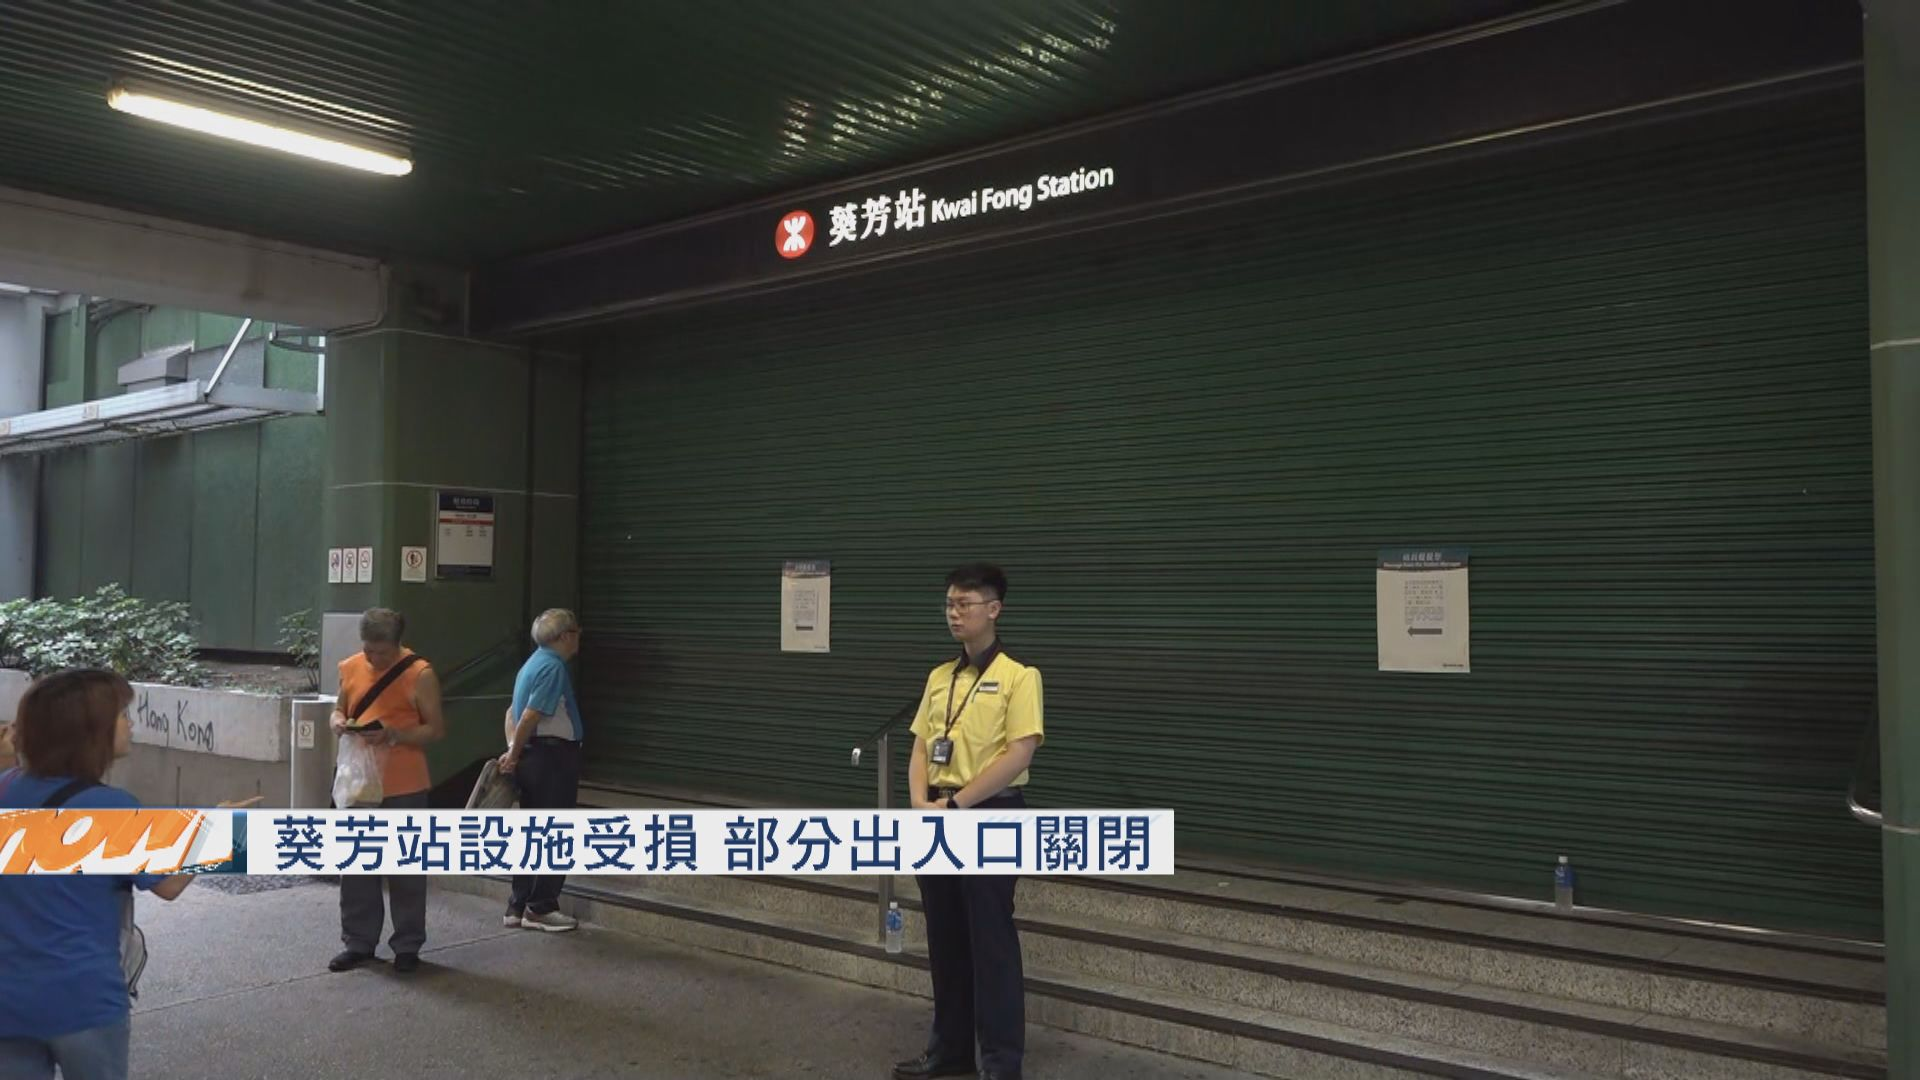 葵芳站部分出入口關閉 有乘客批造成不便